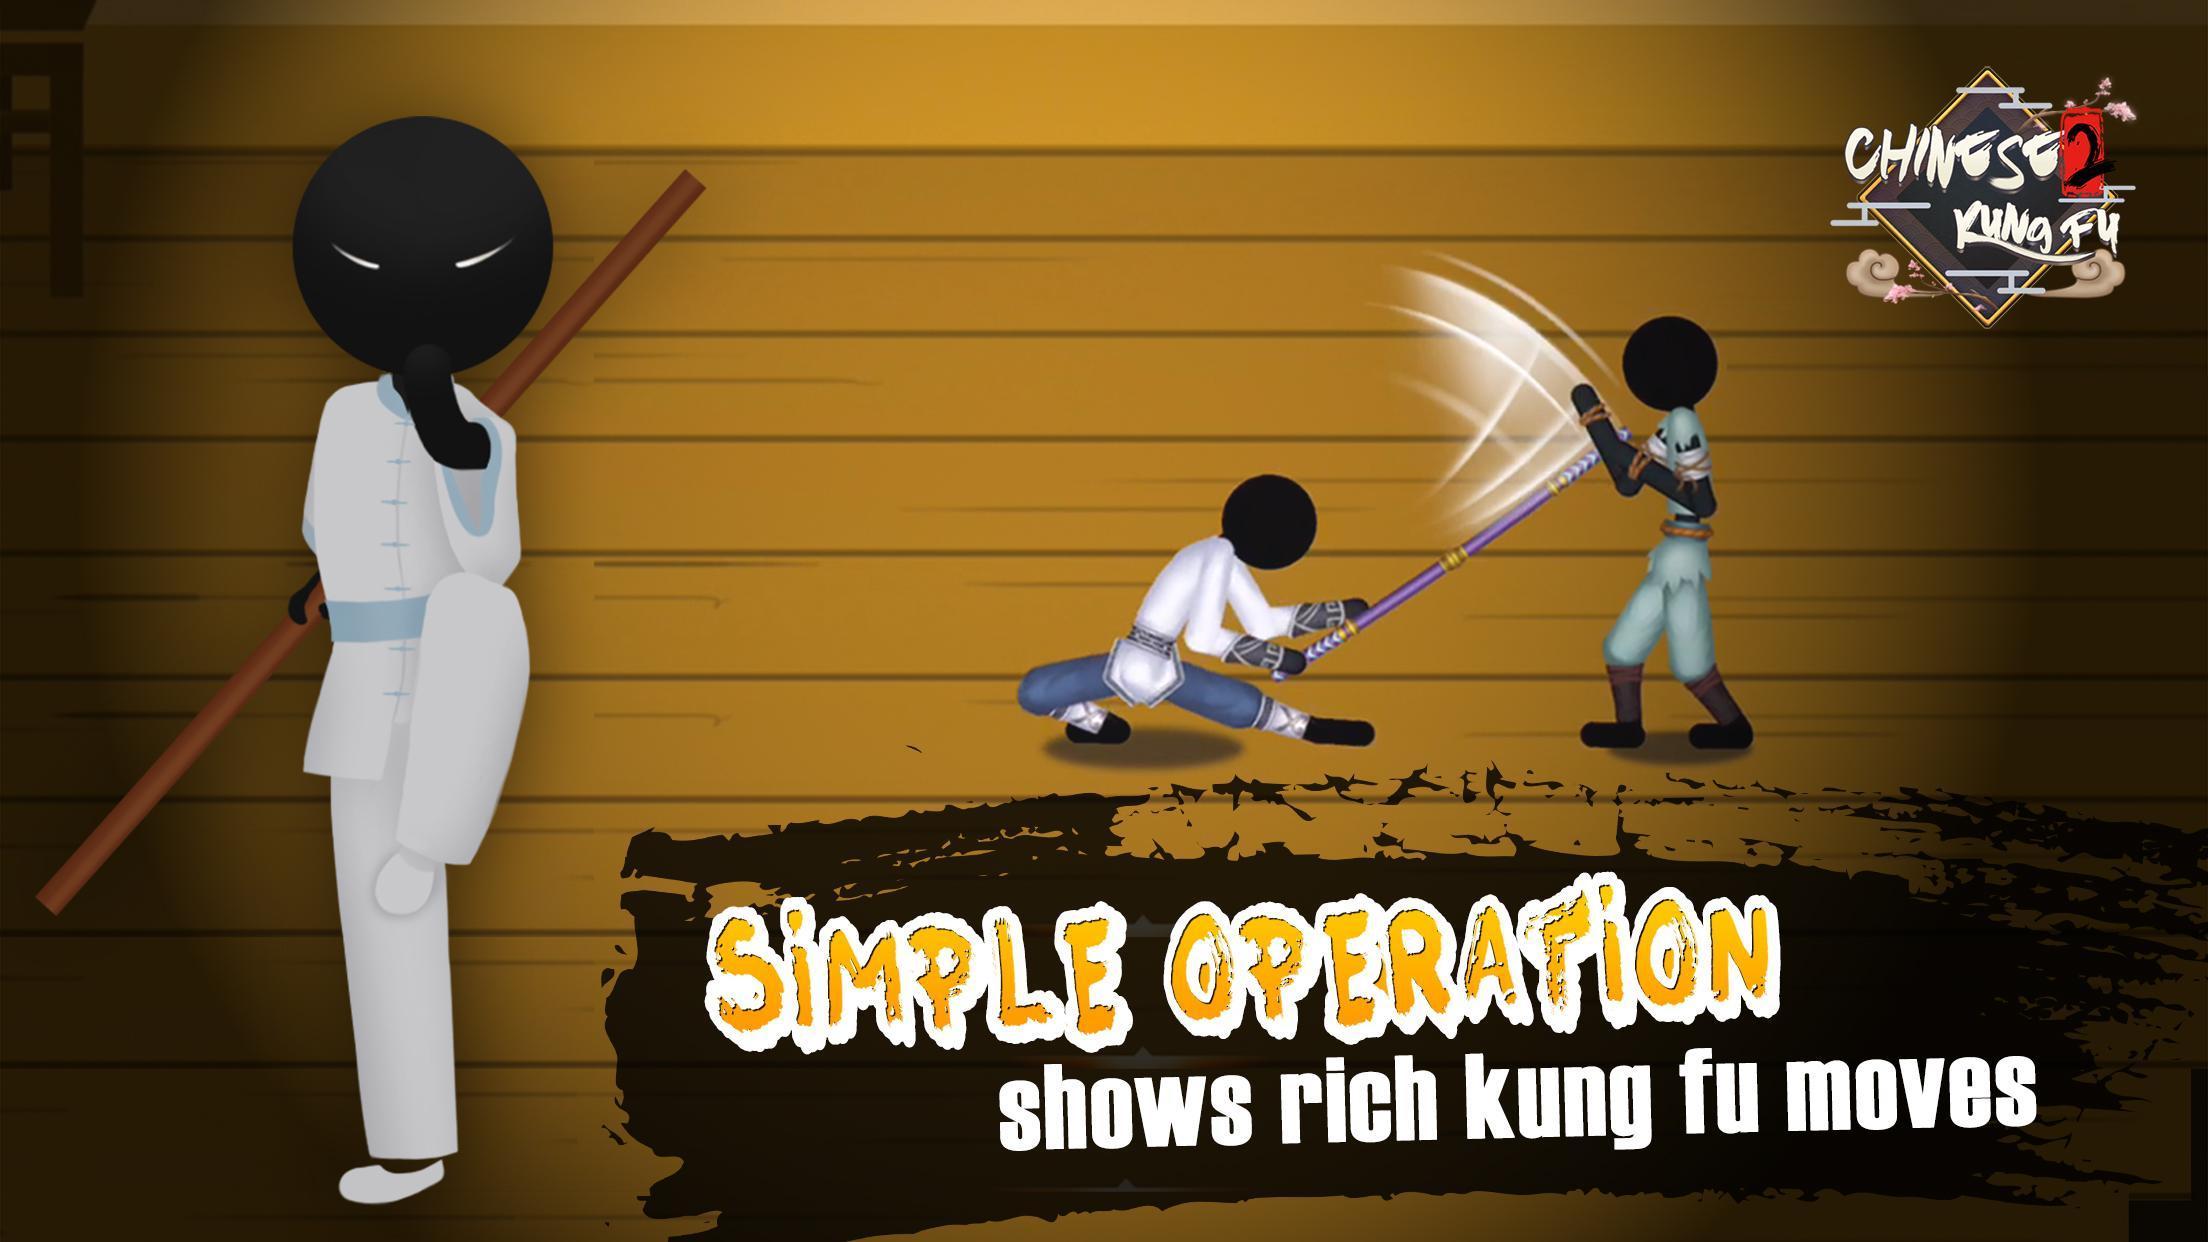 Chinese Kungfu 3.2.1 Screenshot 2